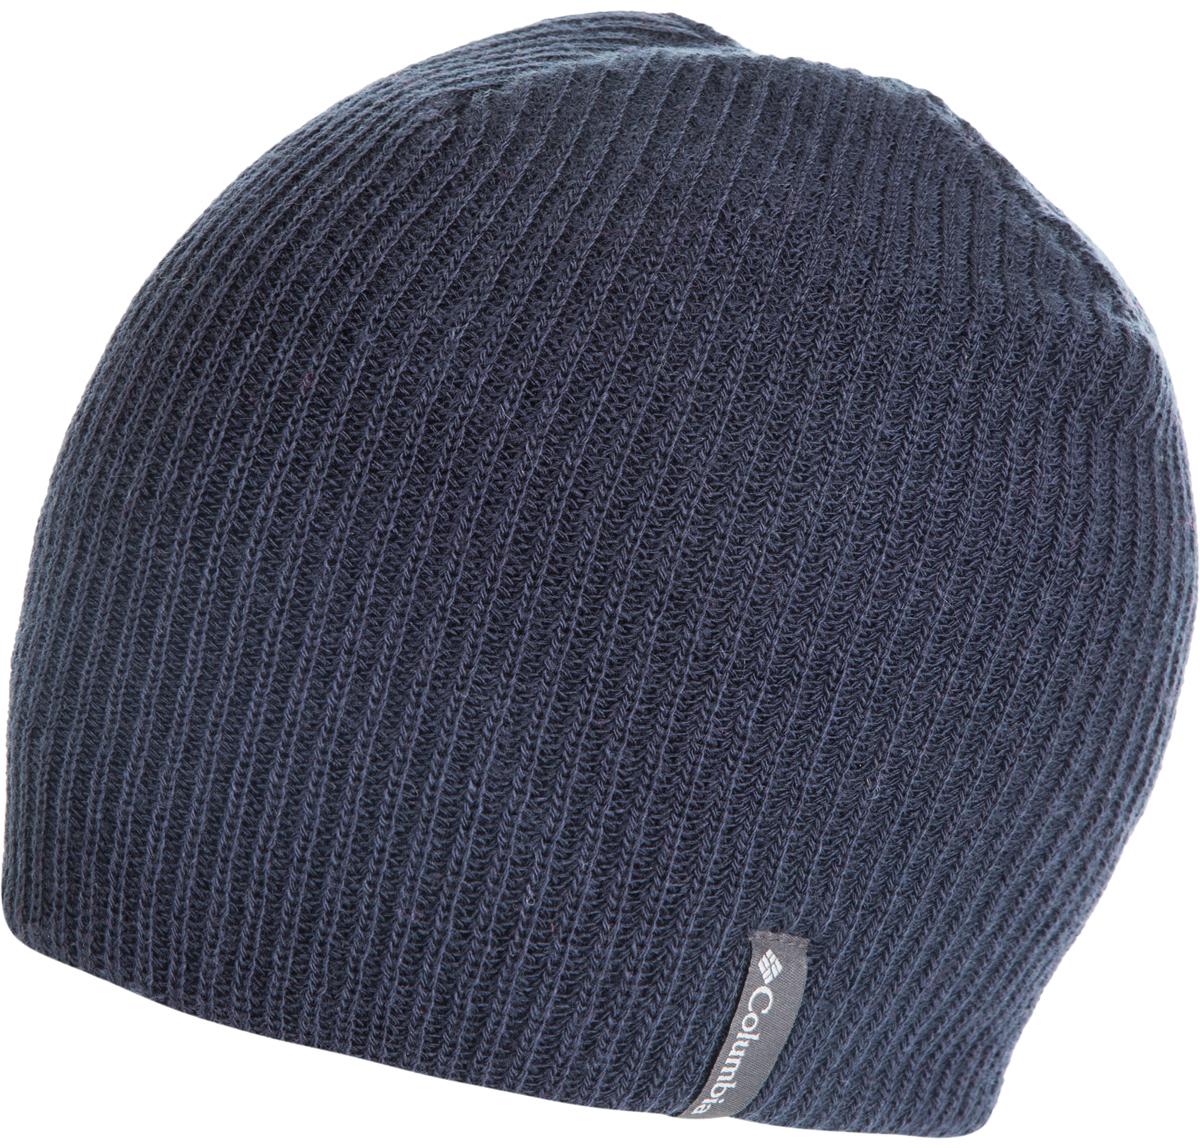 Шапка Columbia Ale Creek Beanie Hat, цвет: темно-синий. 1682201-464. Размер универсальный1682201-464Классическая шапка Columbia Ale Creek Beanie из высококачественного акрила. Выполнена модель в лаконичном стиле и дополнена небольшой нашивкой с названием бренда. Прекрасный выбор для повседневной носки и для зимних видов спорта.